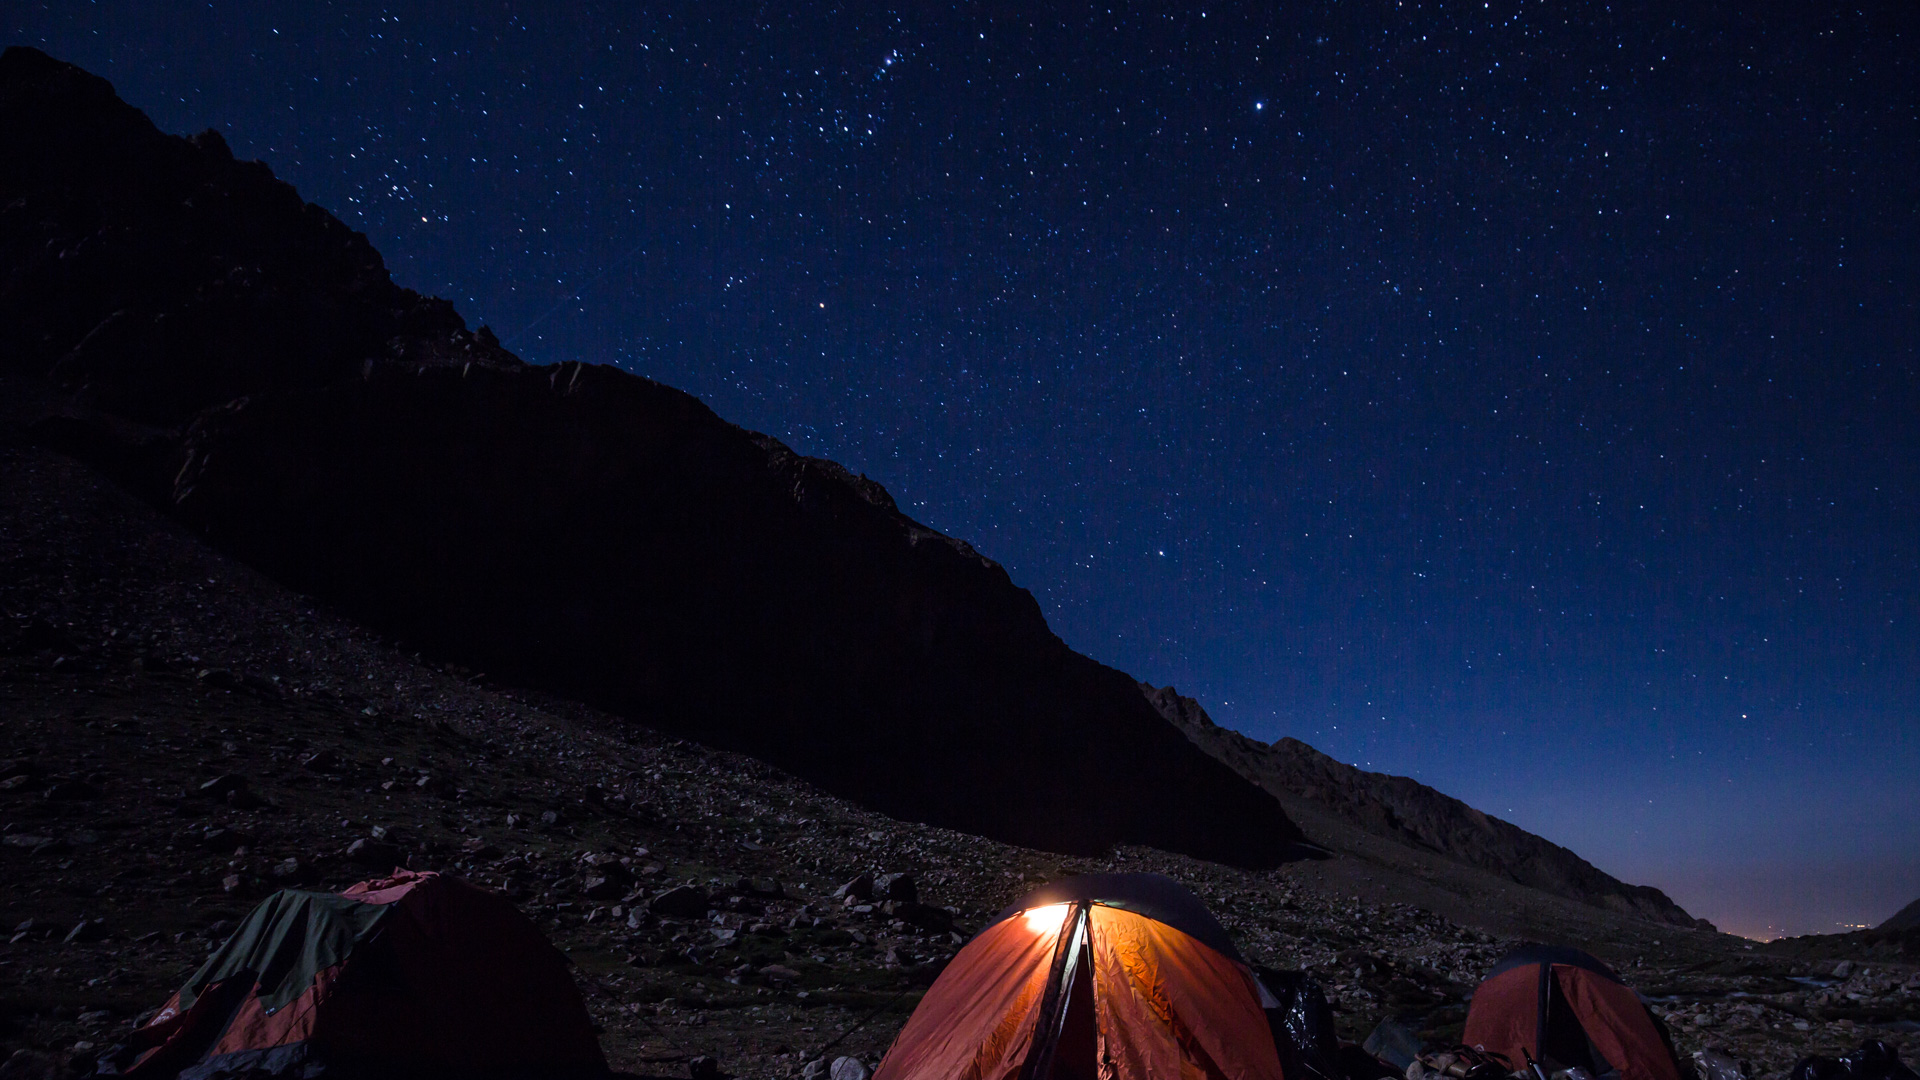 Namioty i niebo podczas pierwszego noclegu. Andes crossing 2017